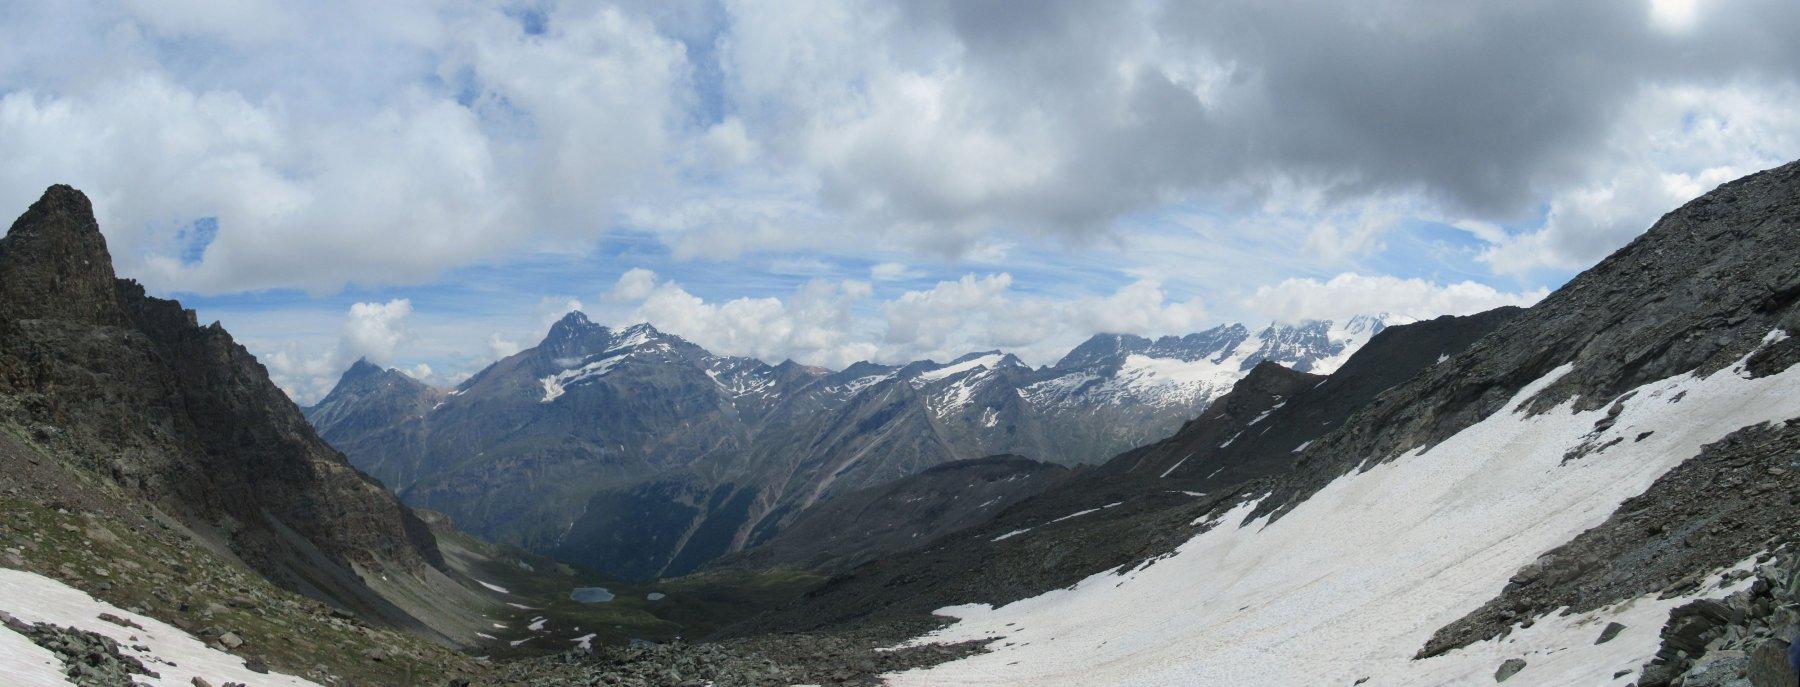 Panorama dal Colle verso la Grivola e Gran Paradiso